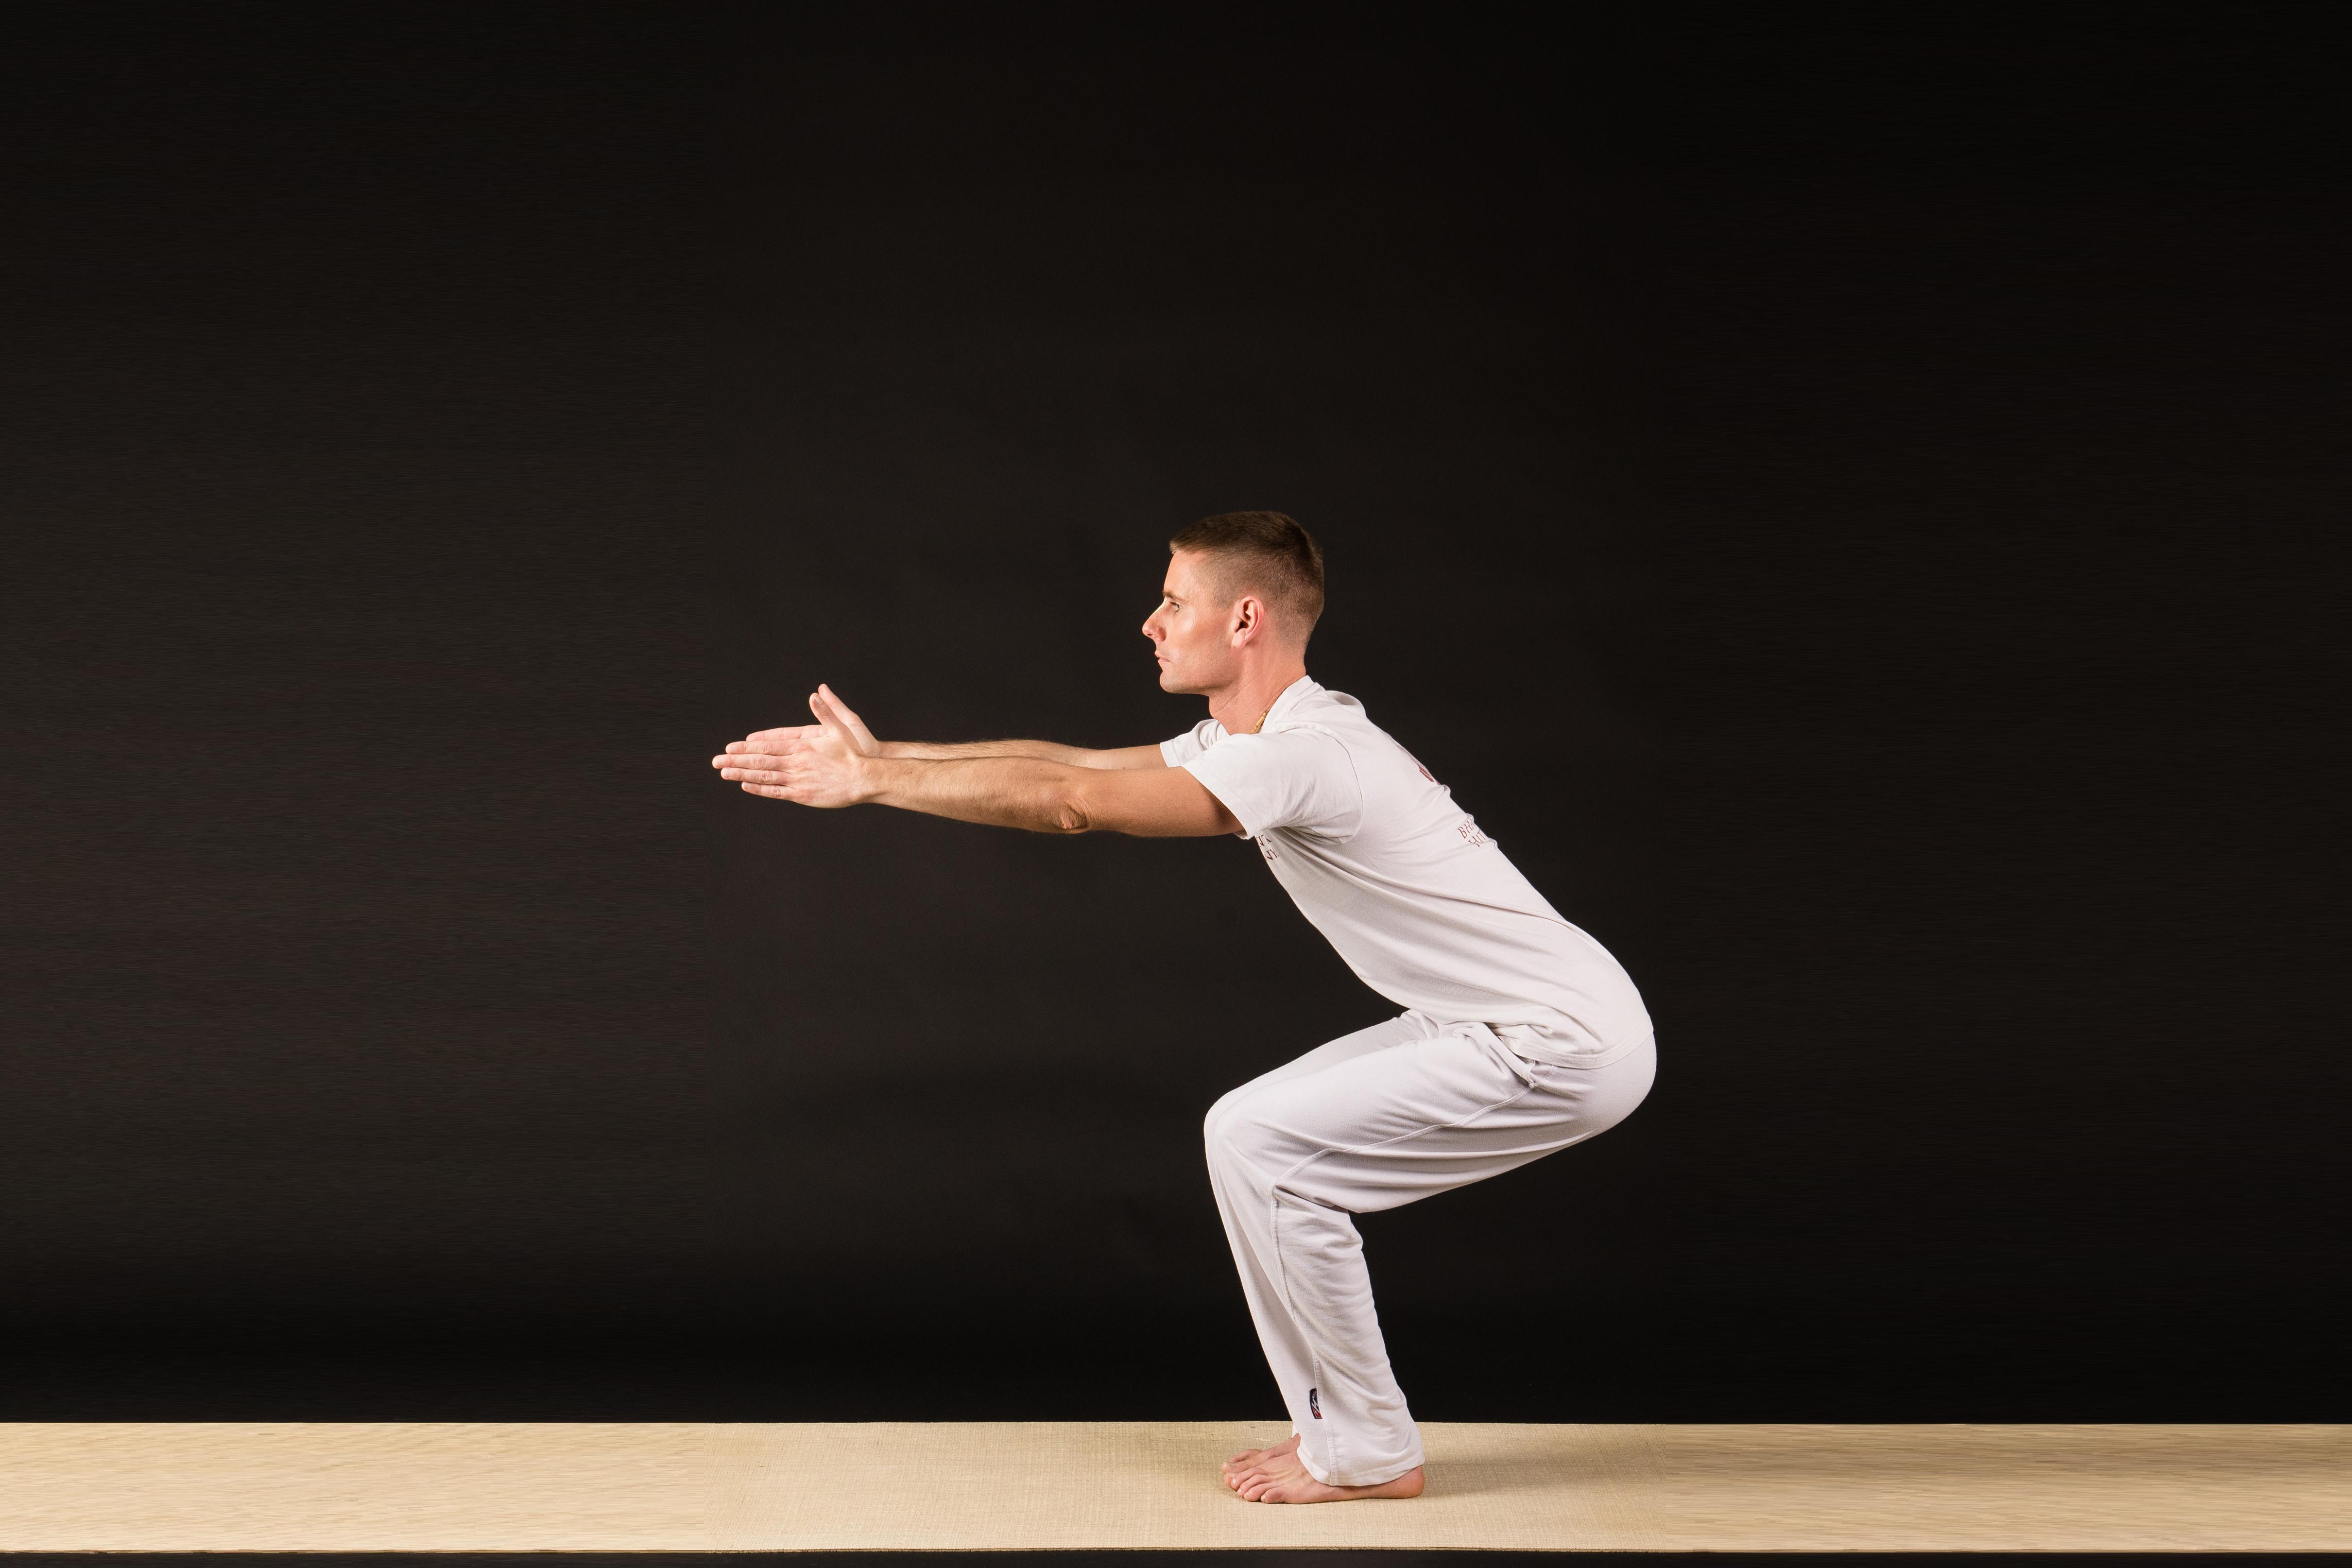 Karcsúsító jóga | | Hogyan fogyni: étrend, táplálkozás és sport